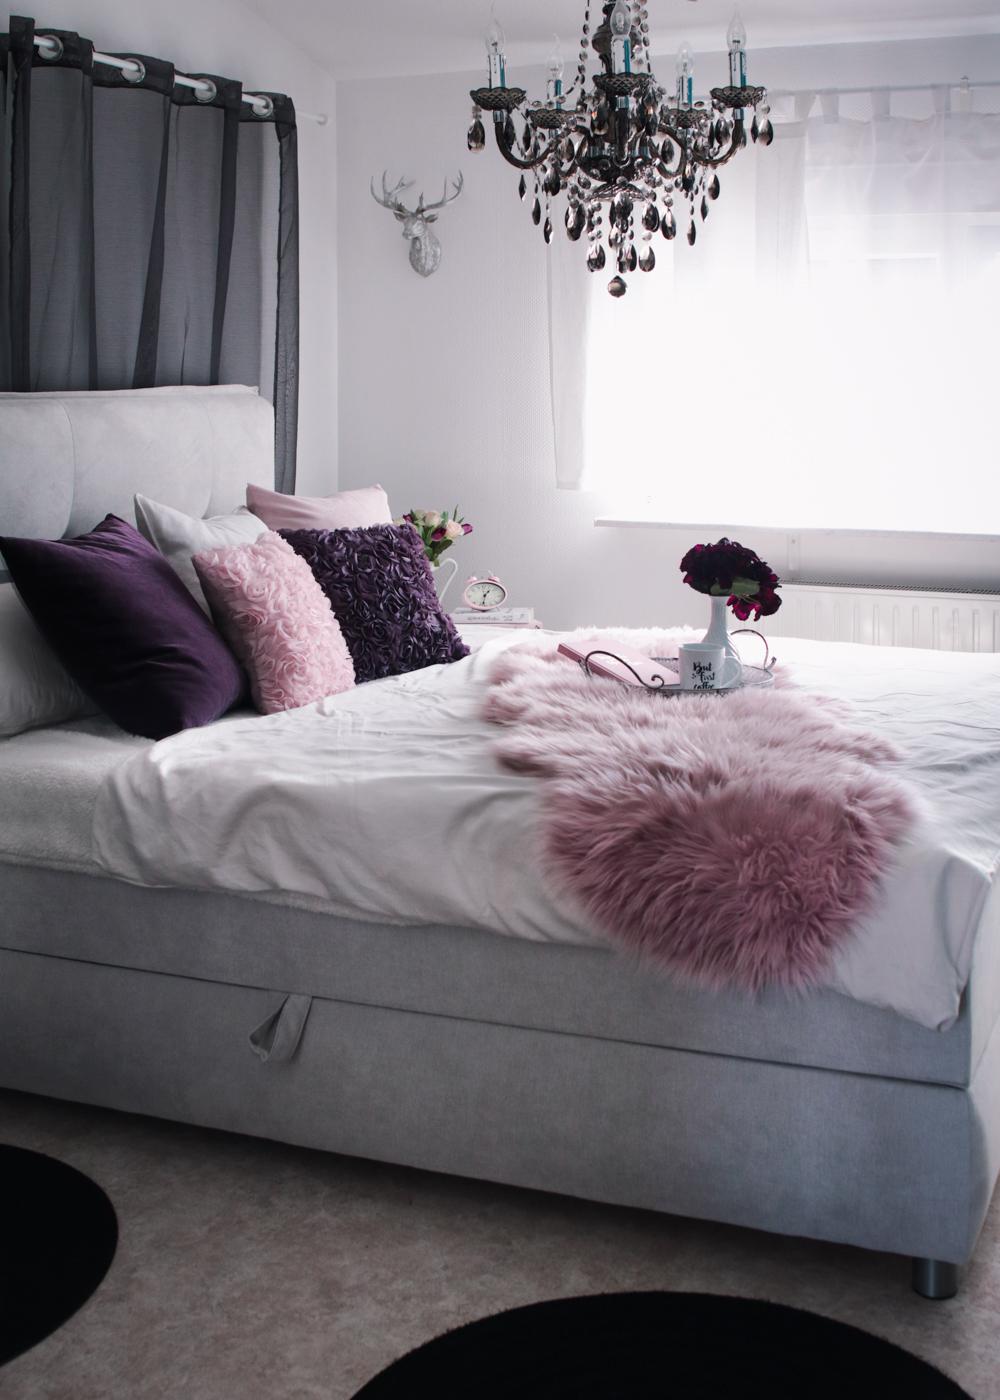 Schlafzimmer interior einrichtung grau rosa lila for Schlafzimmer grau rosa